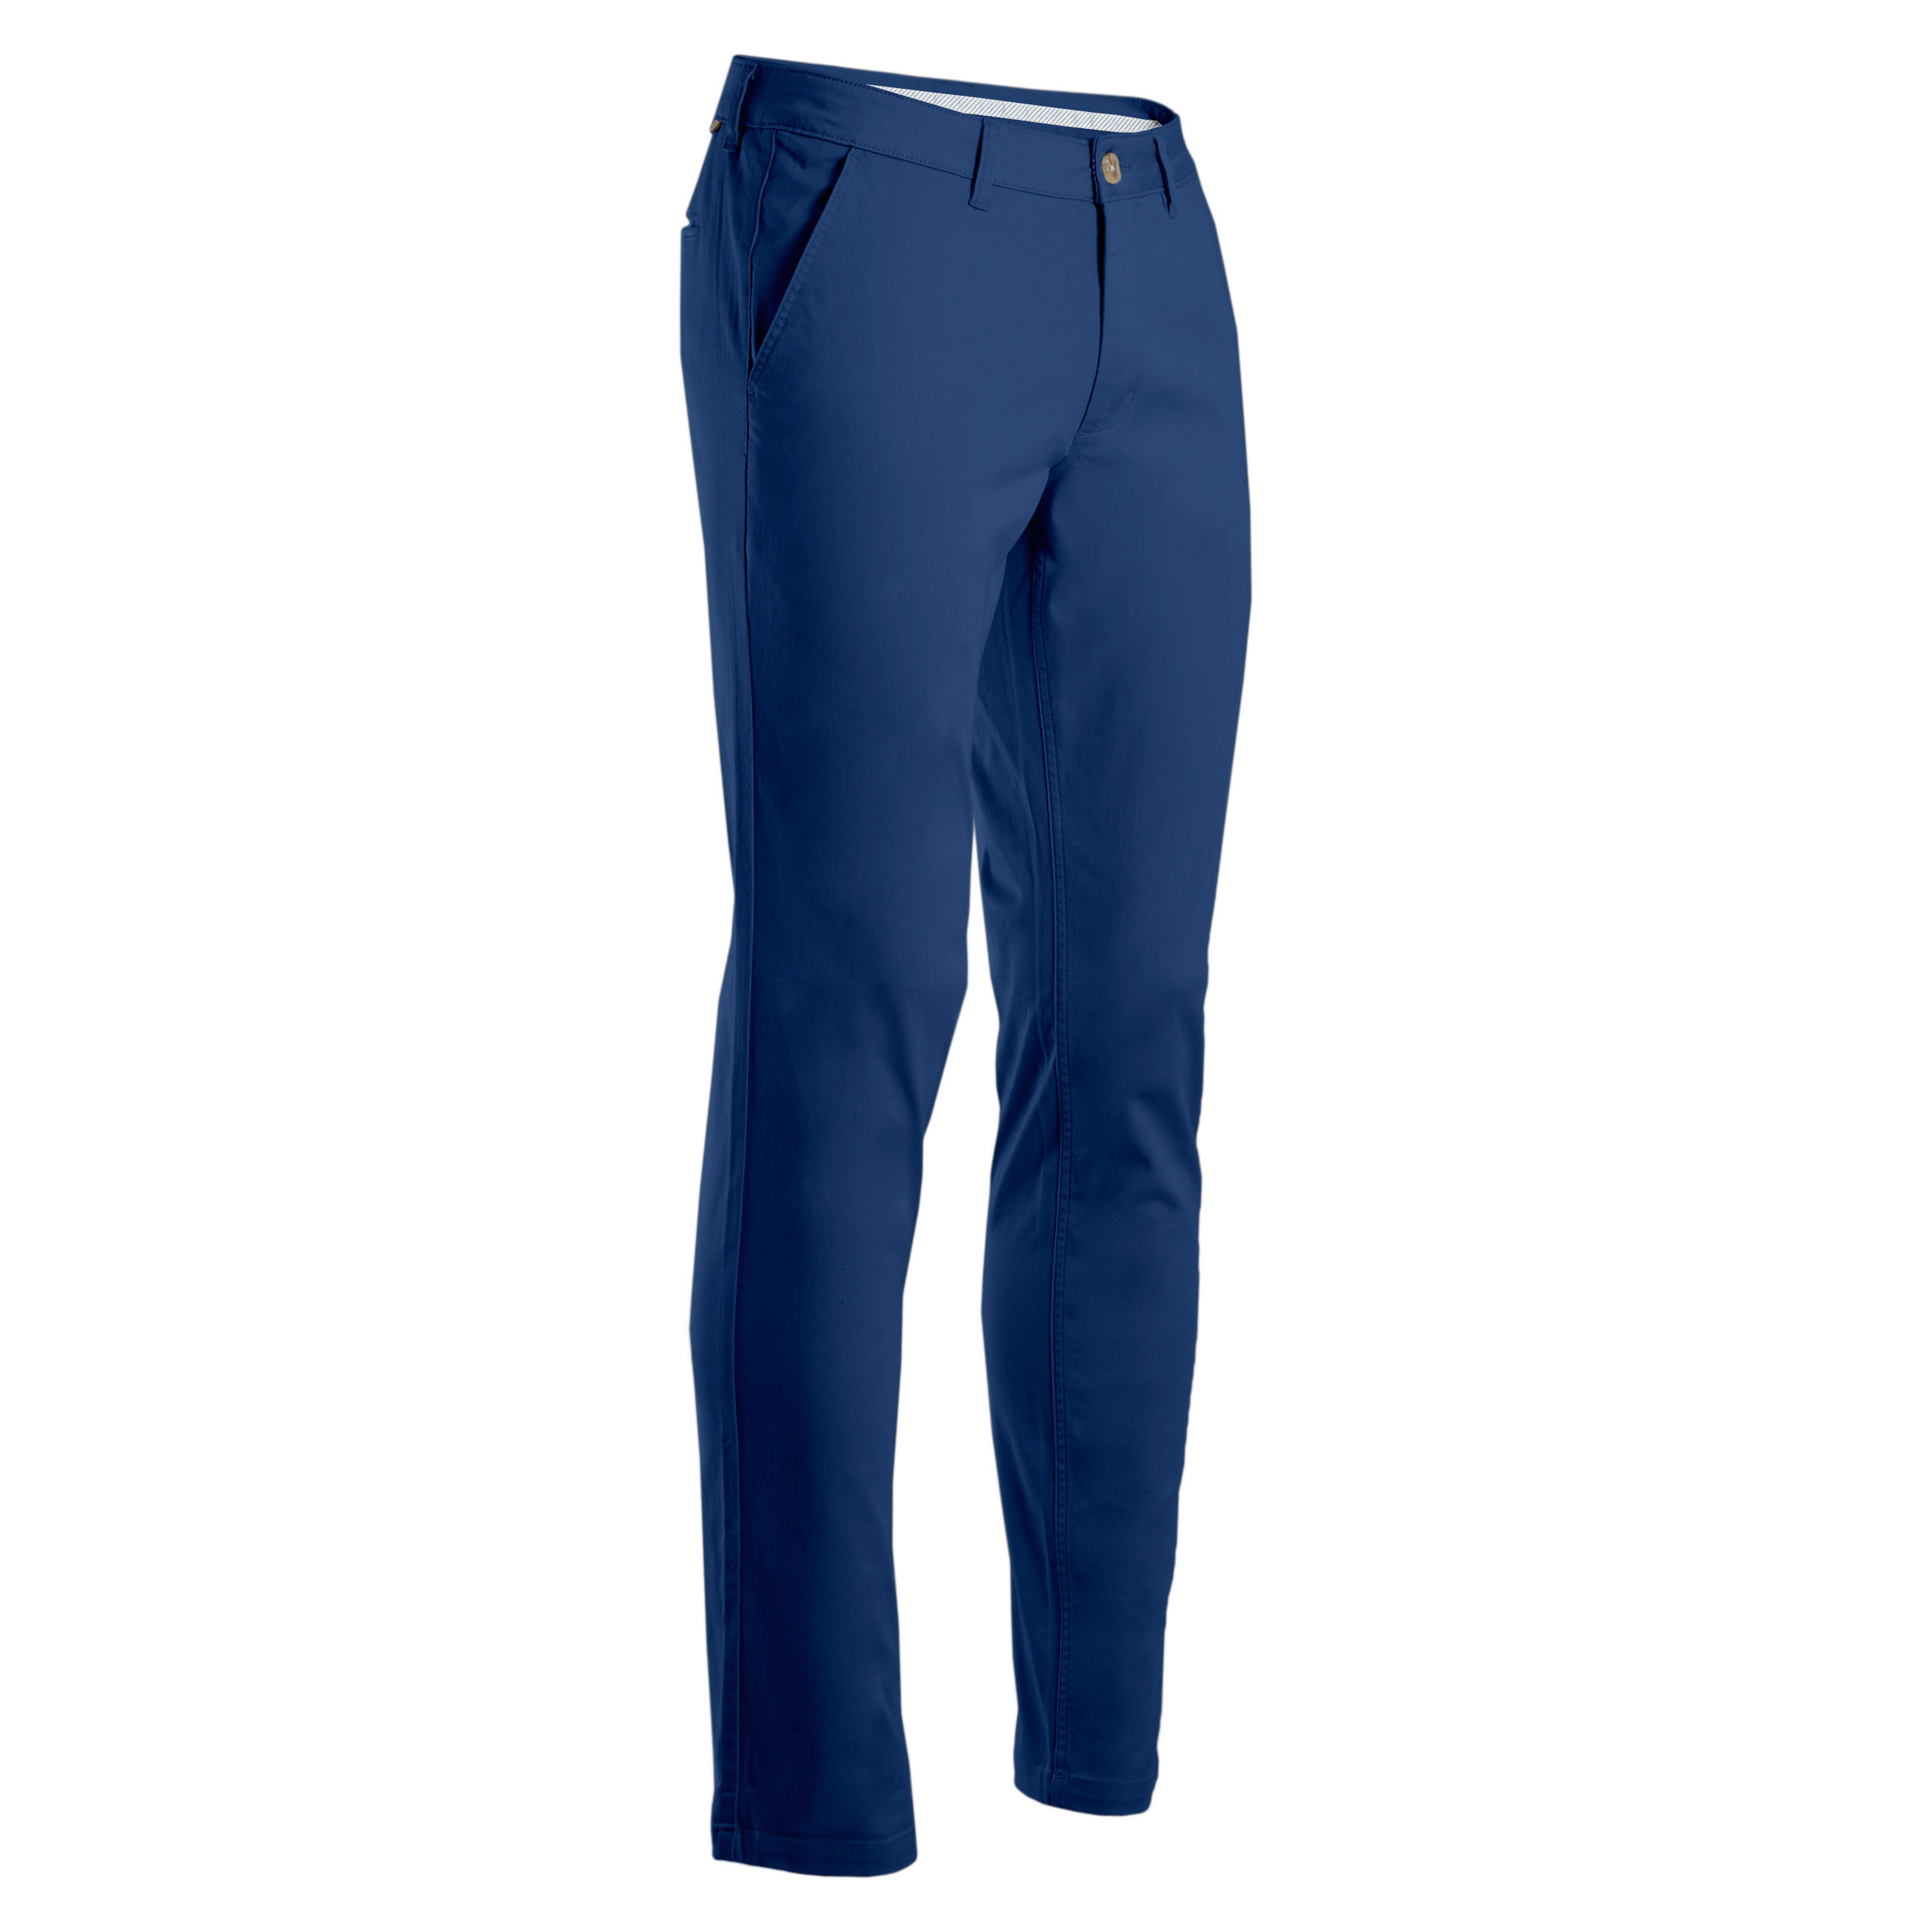 Pantalon Golf Albastru Bărbați la Reducere poza